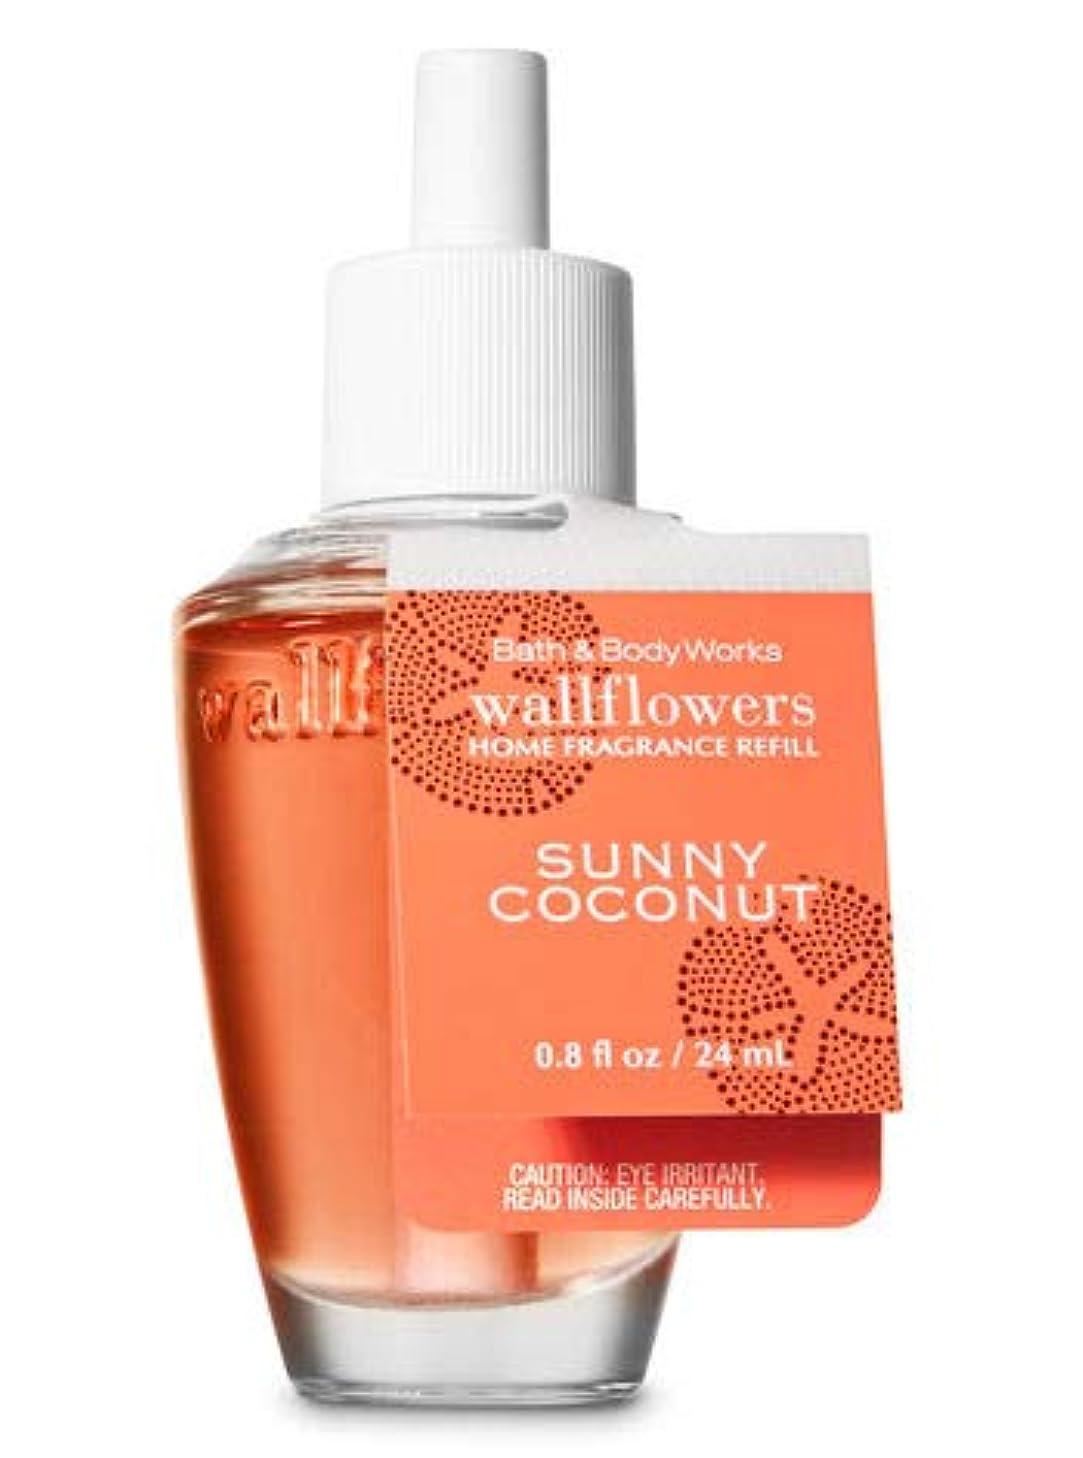 のぞき見データベース葉を集める【Bath&Body Works/バス&ボディワークス】 ルームフレグランス 詰替えリフィル サニーココナッツ Wallflowers Home Fragrance Refill Sunny Coconut [並行輸入品]